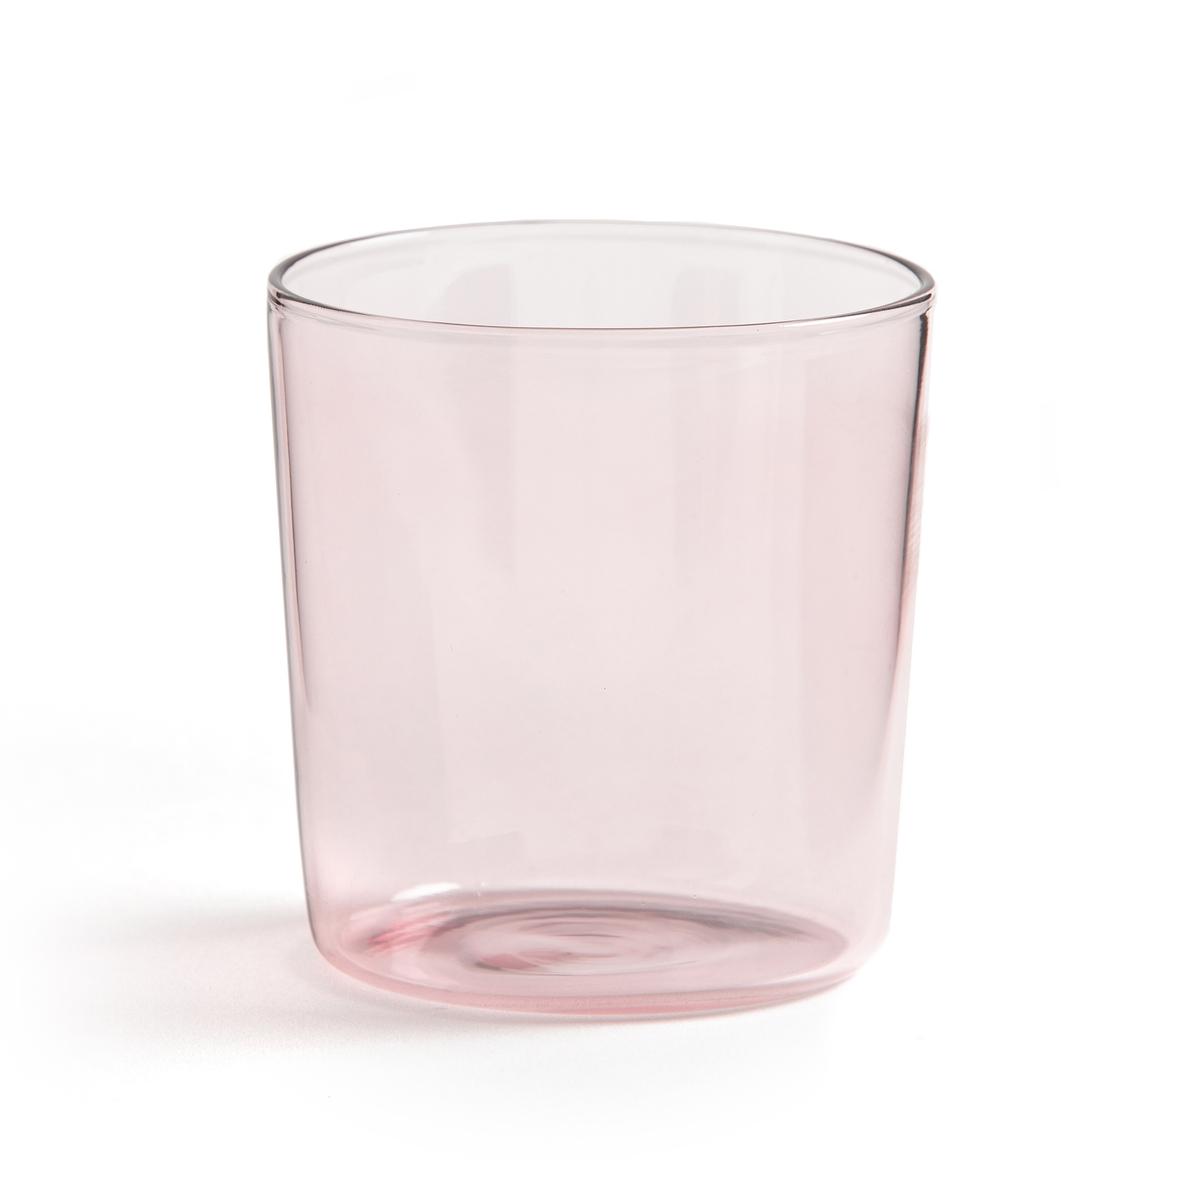 6 стаканов, MIKEL6 стаканов Mikel .Они привнесут на ваш стол изысканную яркую нотку .Комплект из 6 стаканов Mikel.- из боросиликатного стекла . - Размер. 9 x 9 x H8,80 см . - Подходят для мытья в посудомоечной машине.- продаются в комплекте из 6 стаканов одного цвета.Найдите нашу коллекцию Arts de la table на сайте laredoute.ru<br><br>Цвет: дымчато-розовый,синий